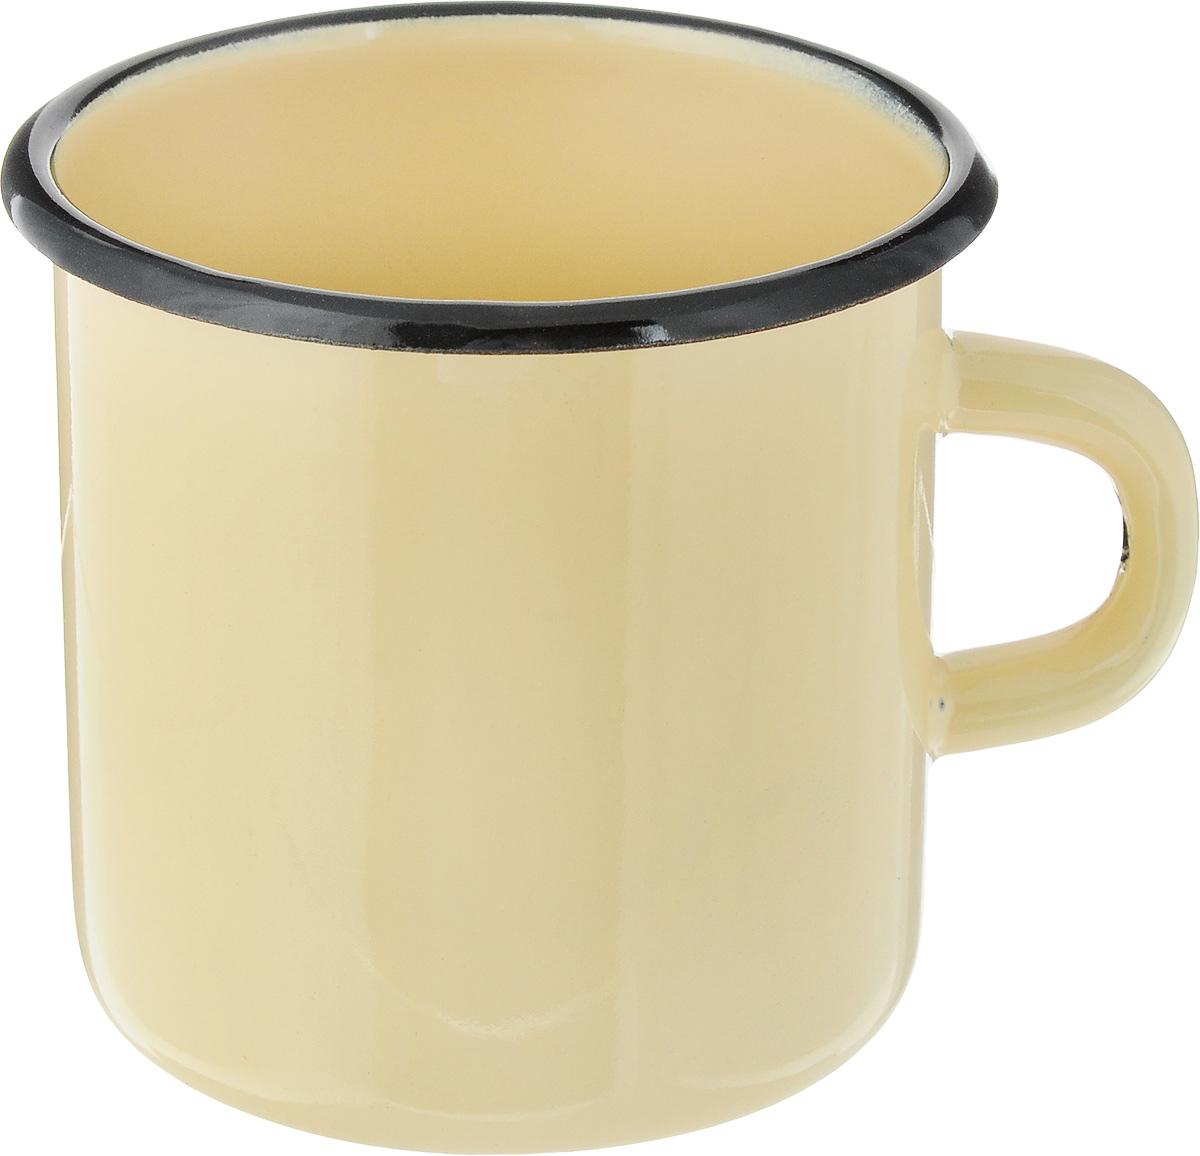 Кружка эмалированная СтальЭмаль, цвет: желтый, 400 мл